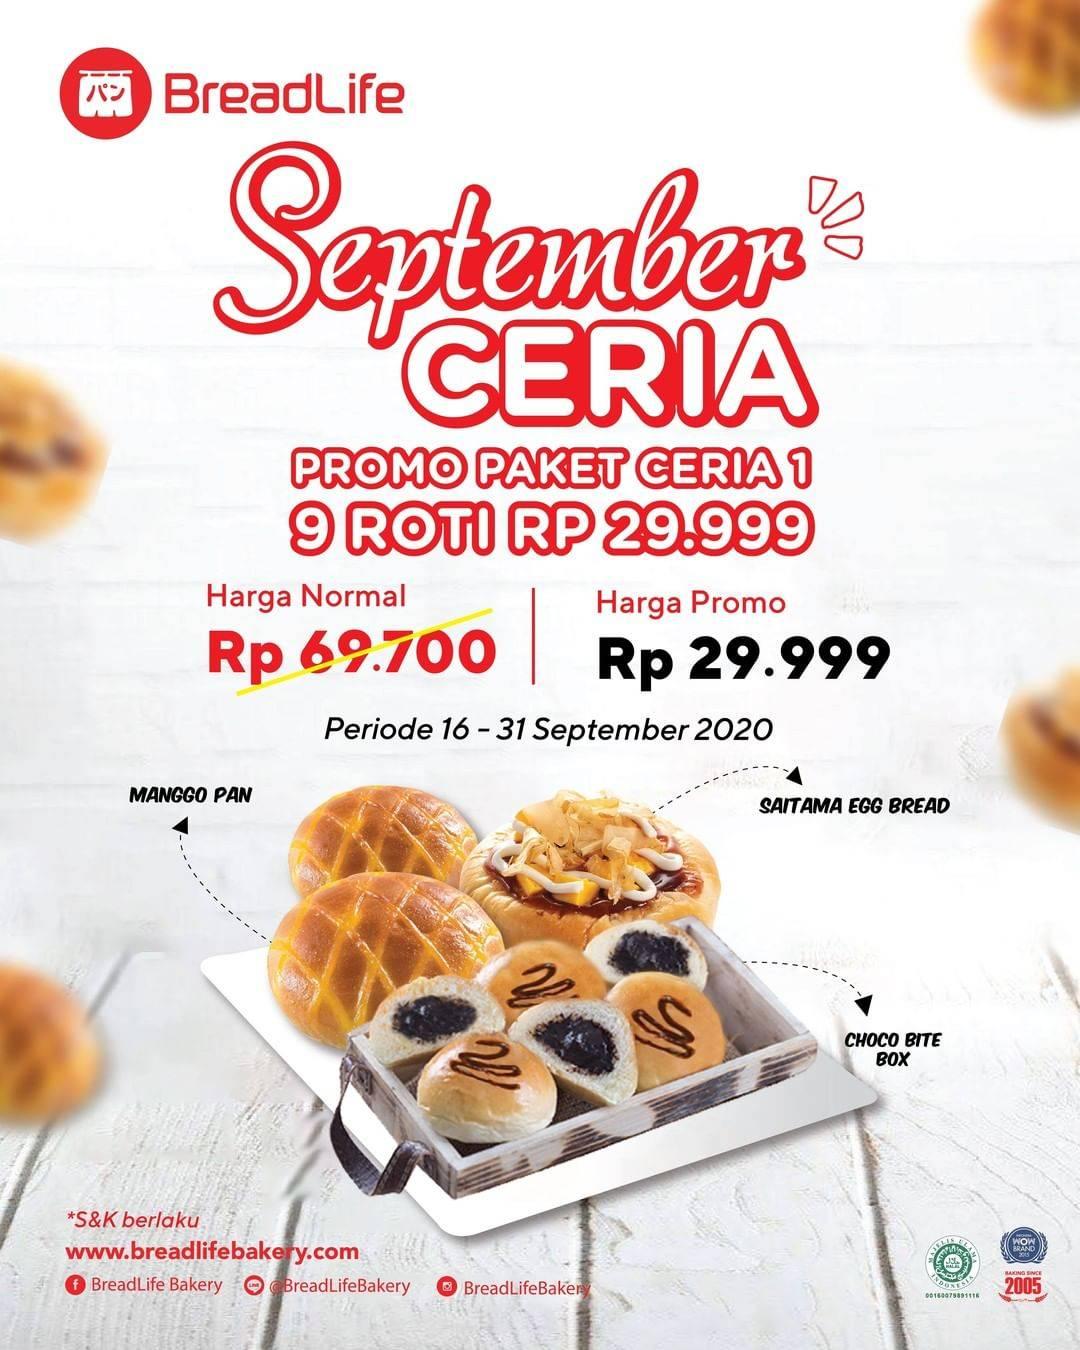 Diskon Breadlife Promo September Ceria - 9 Roti Hanya Rp. 29.999